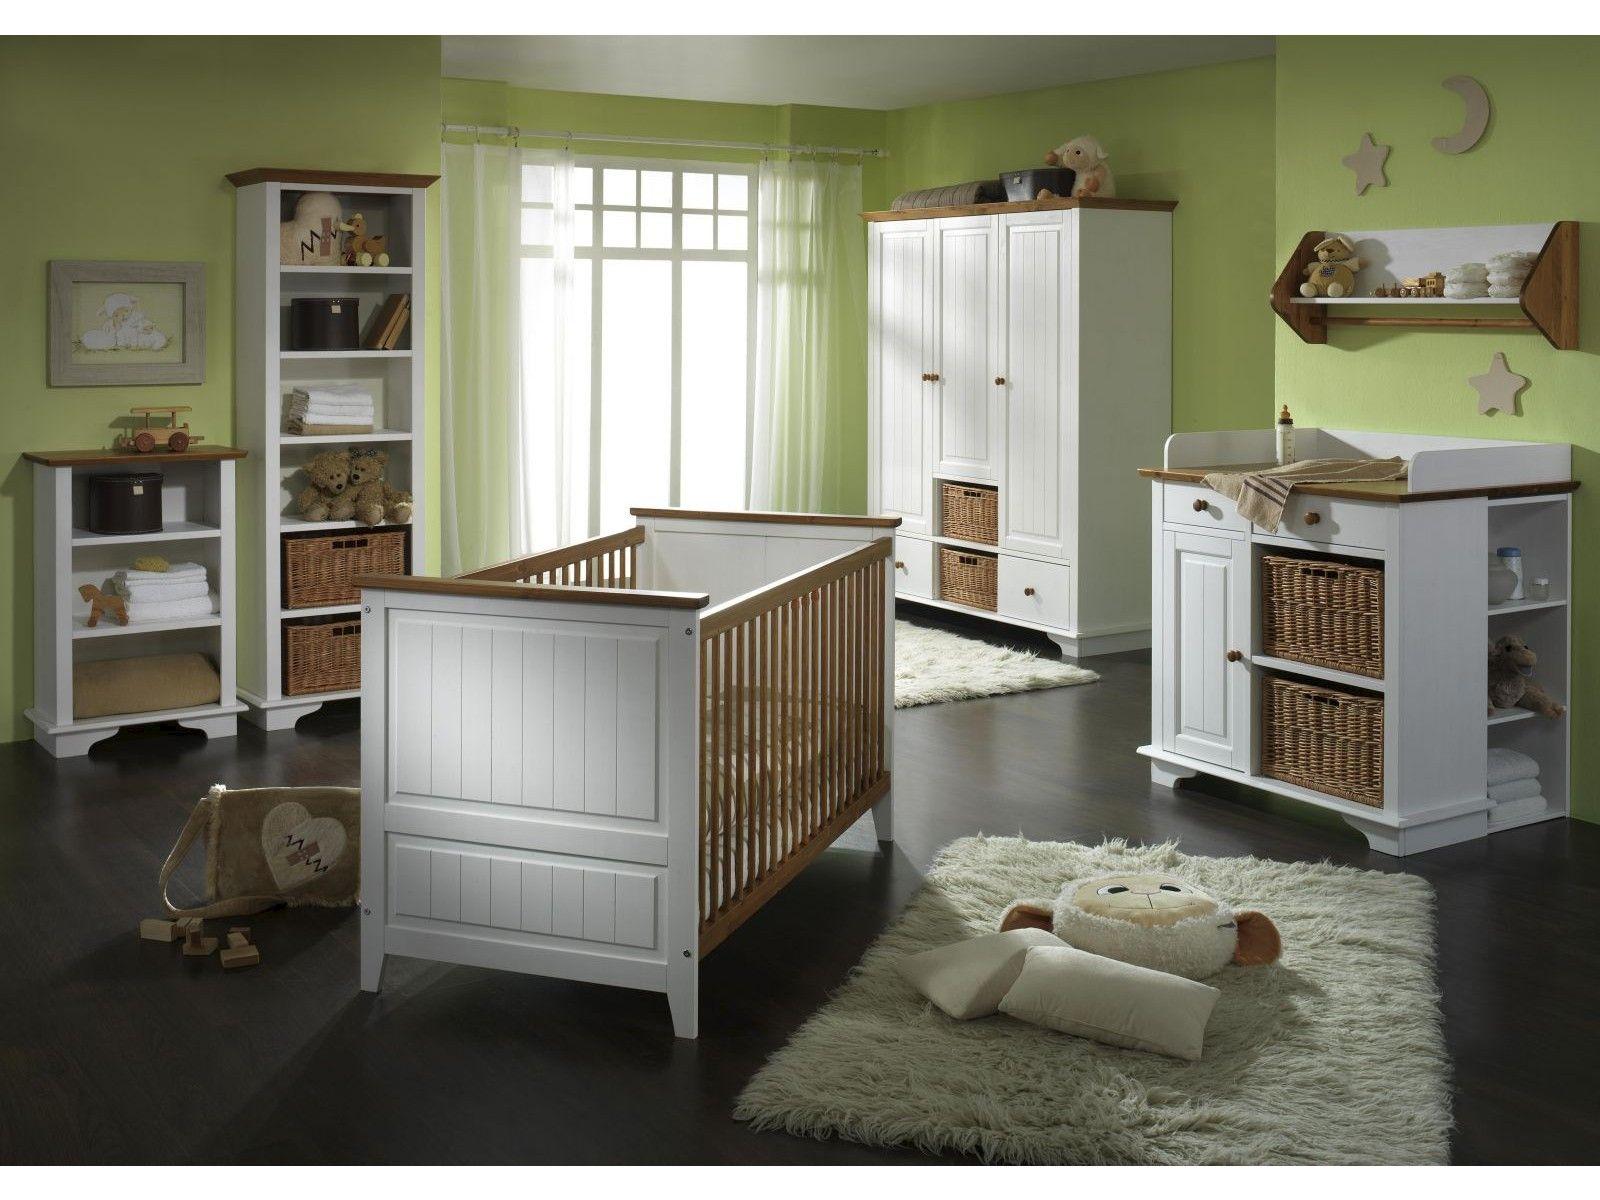 babyzimmer julia massivholz weiß/braun von massivum.de | baby